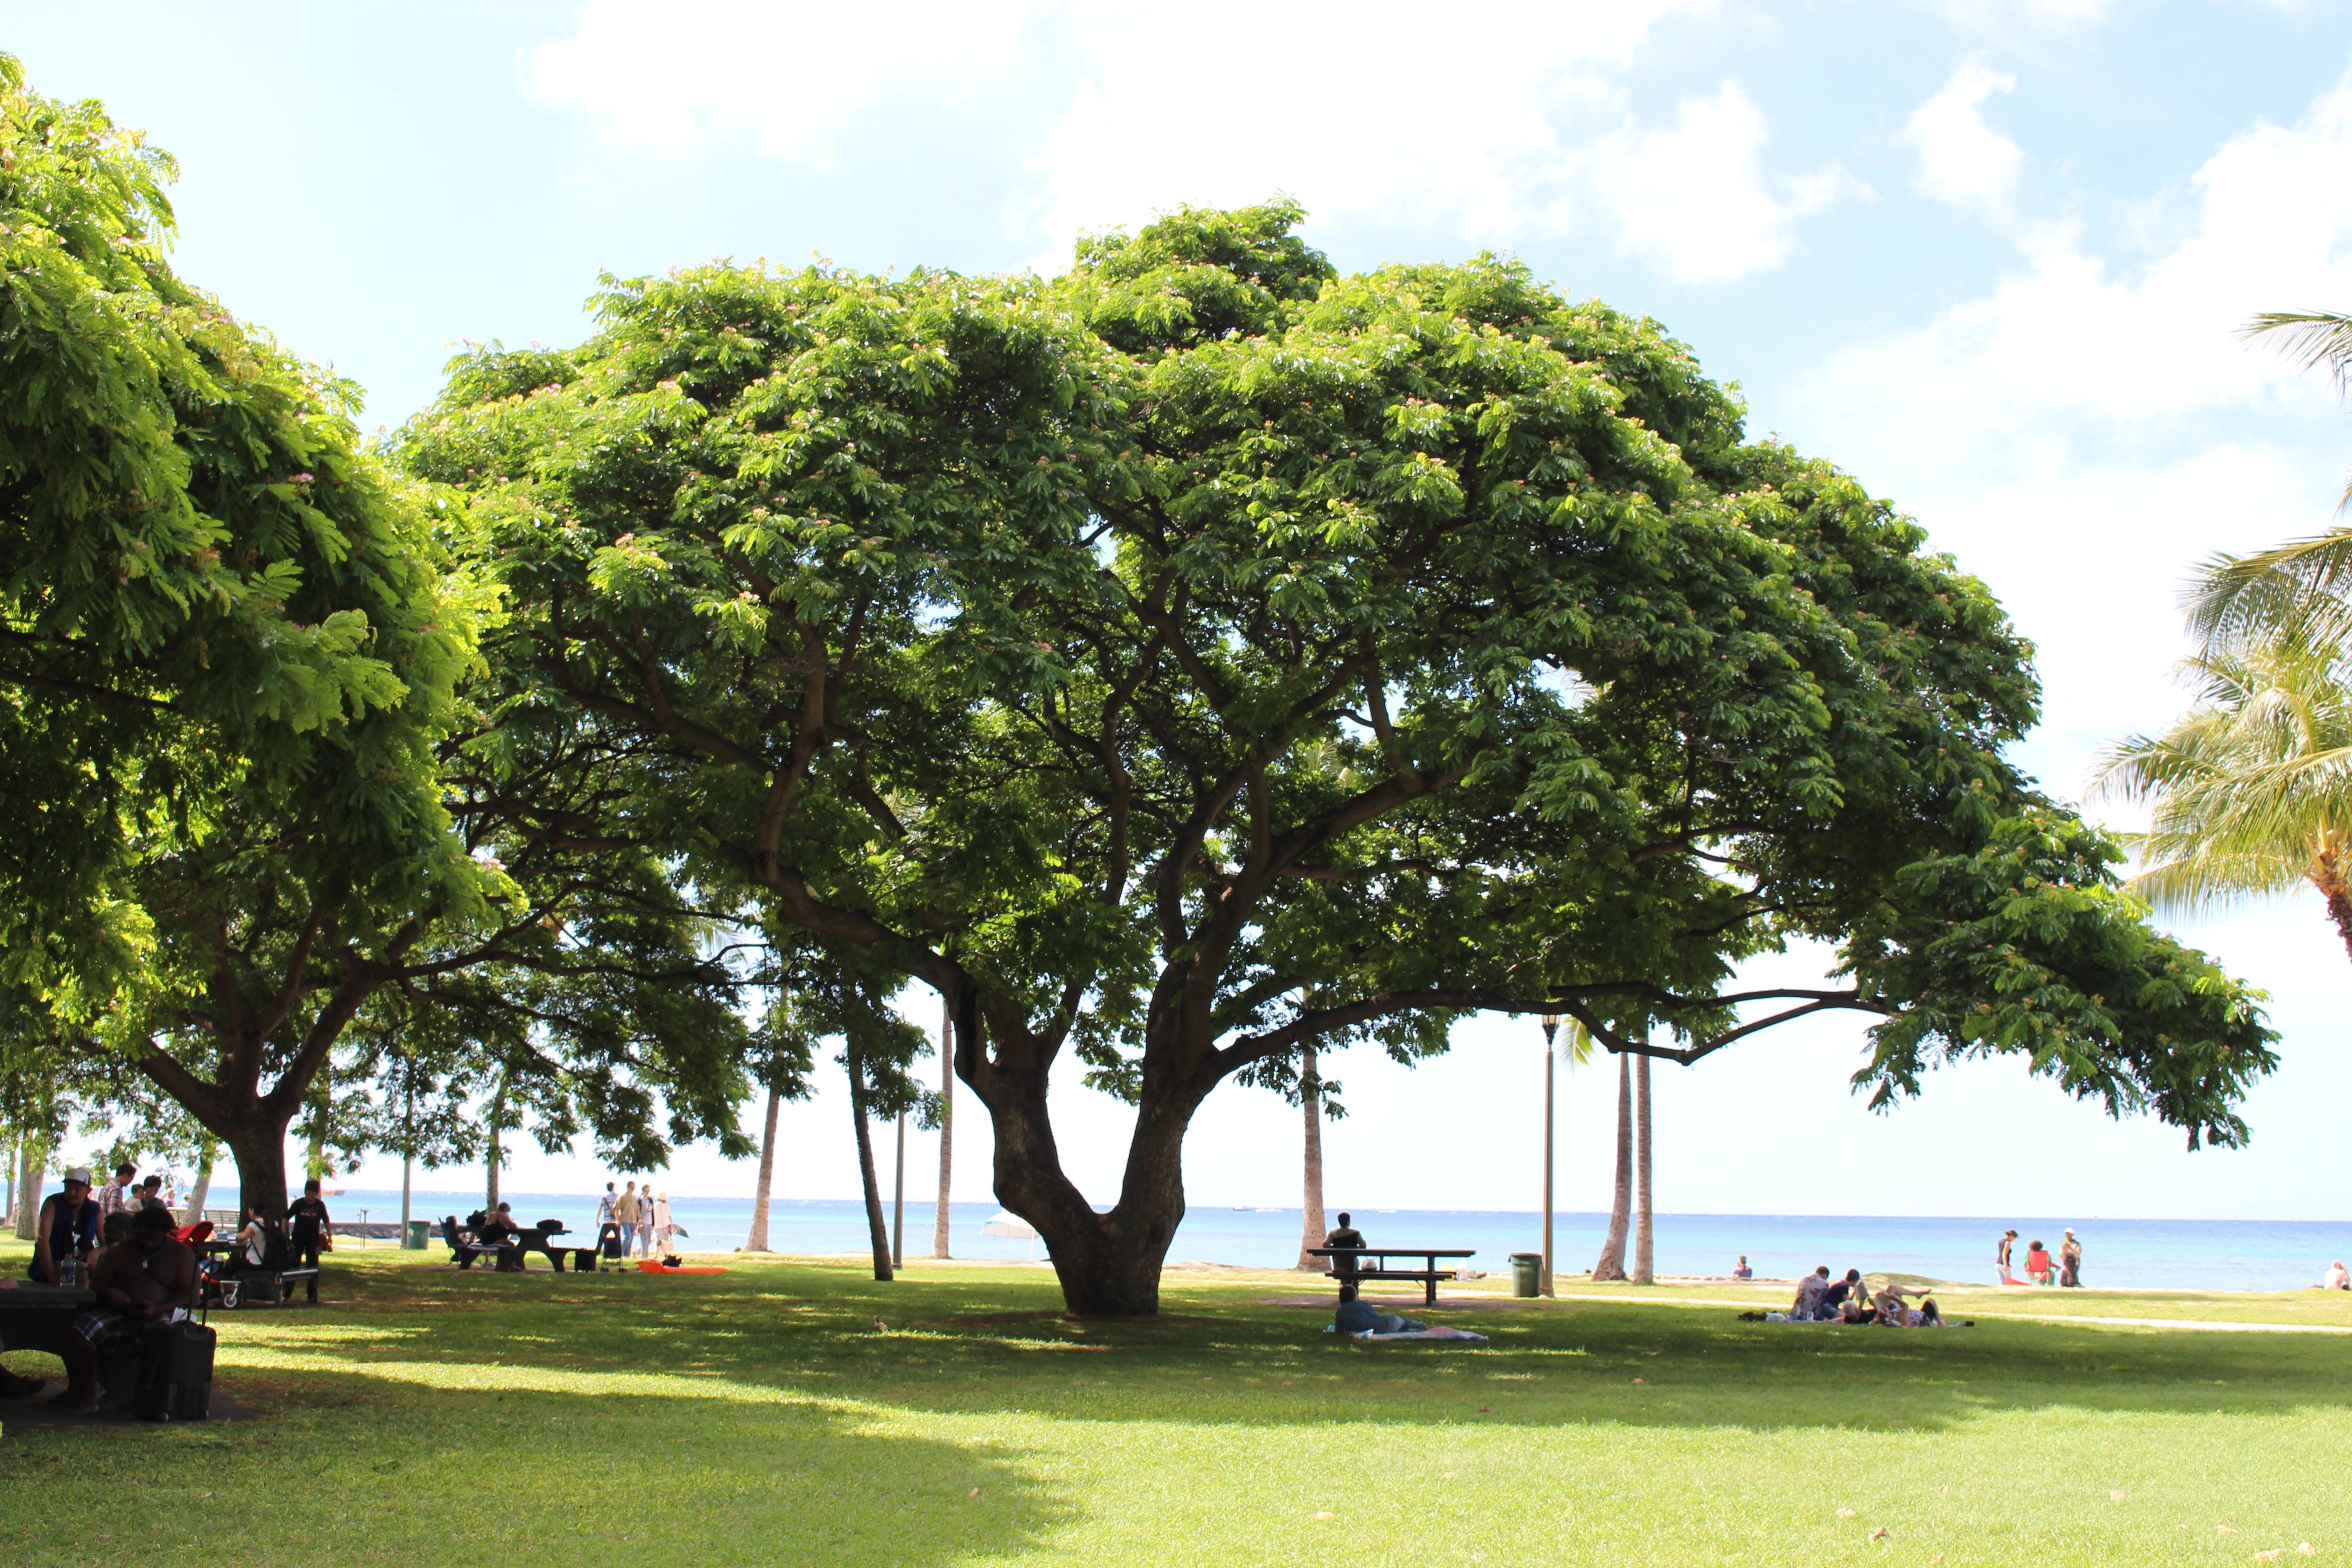 plante bois ensoleillement pelouse palmier feuille vent vert se dtendre brise parc hawaii ciel bleu le du sud grand arbre ciel dt - Arbre Ciel